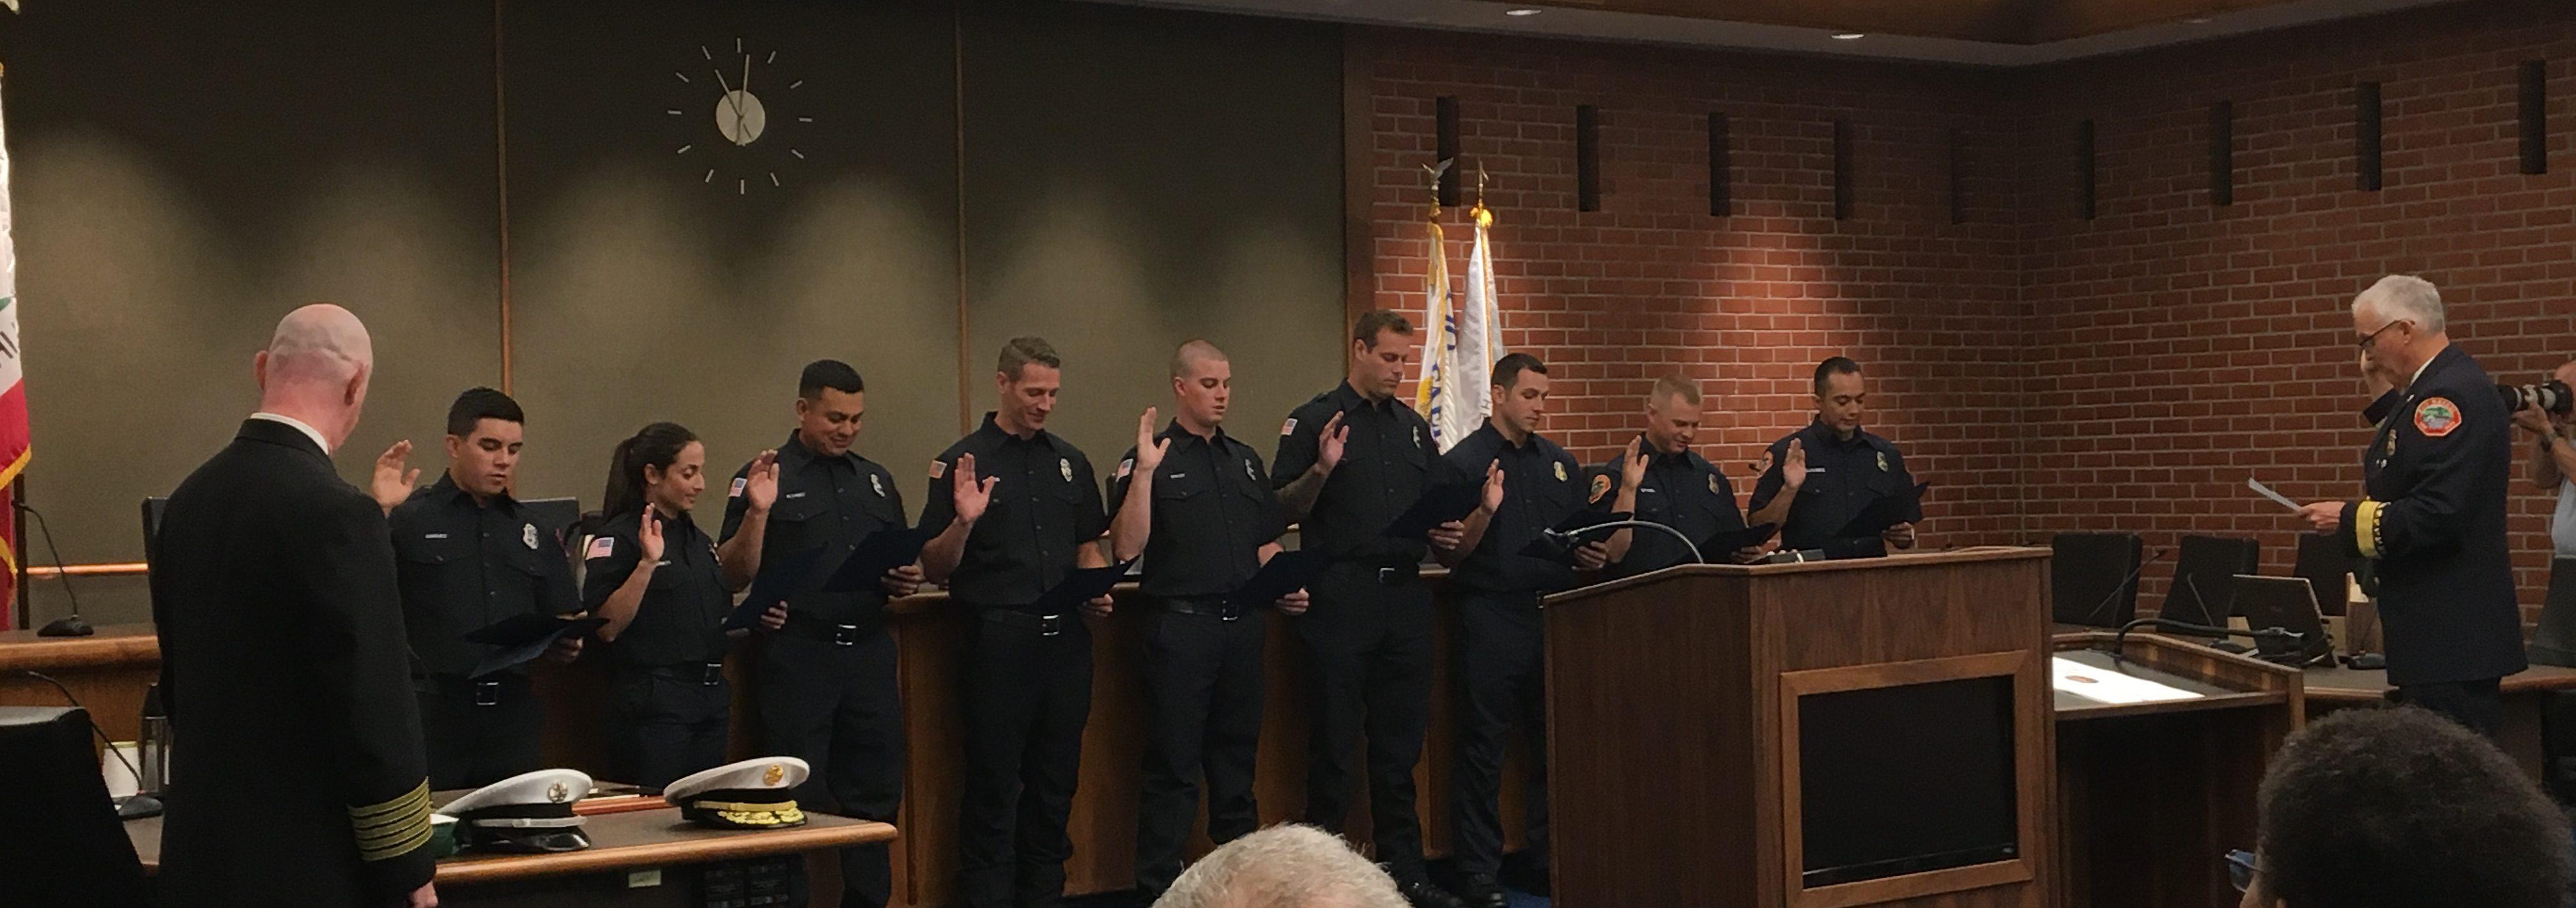 Firefighter Recruit Academy 19